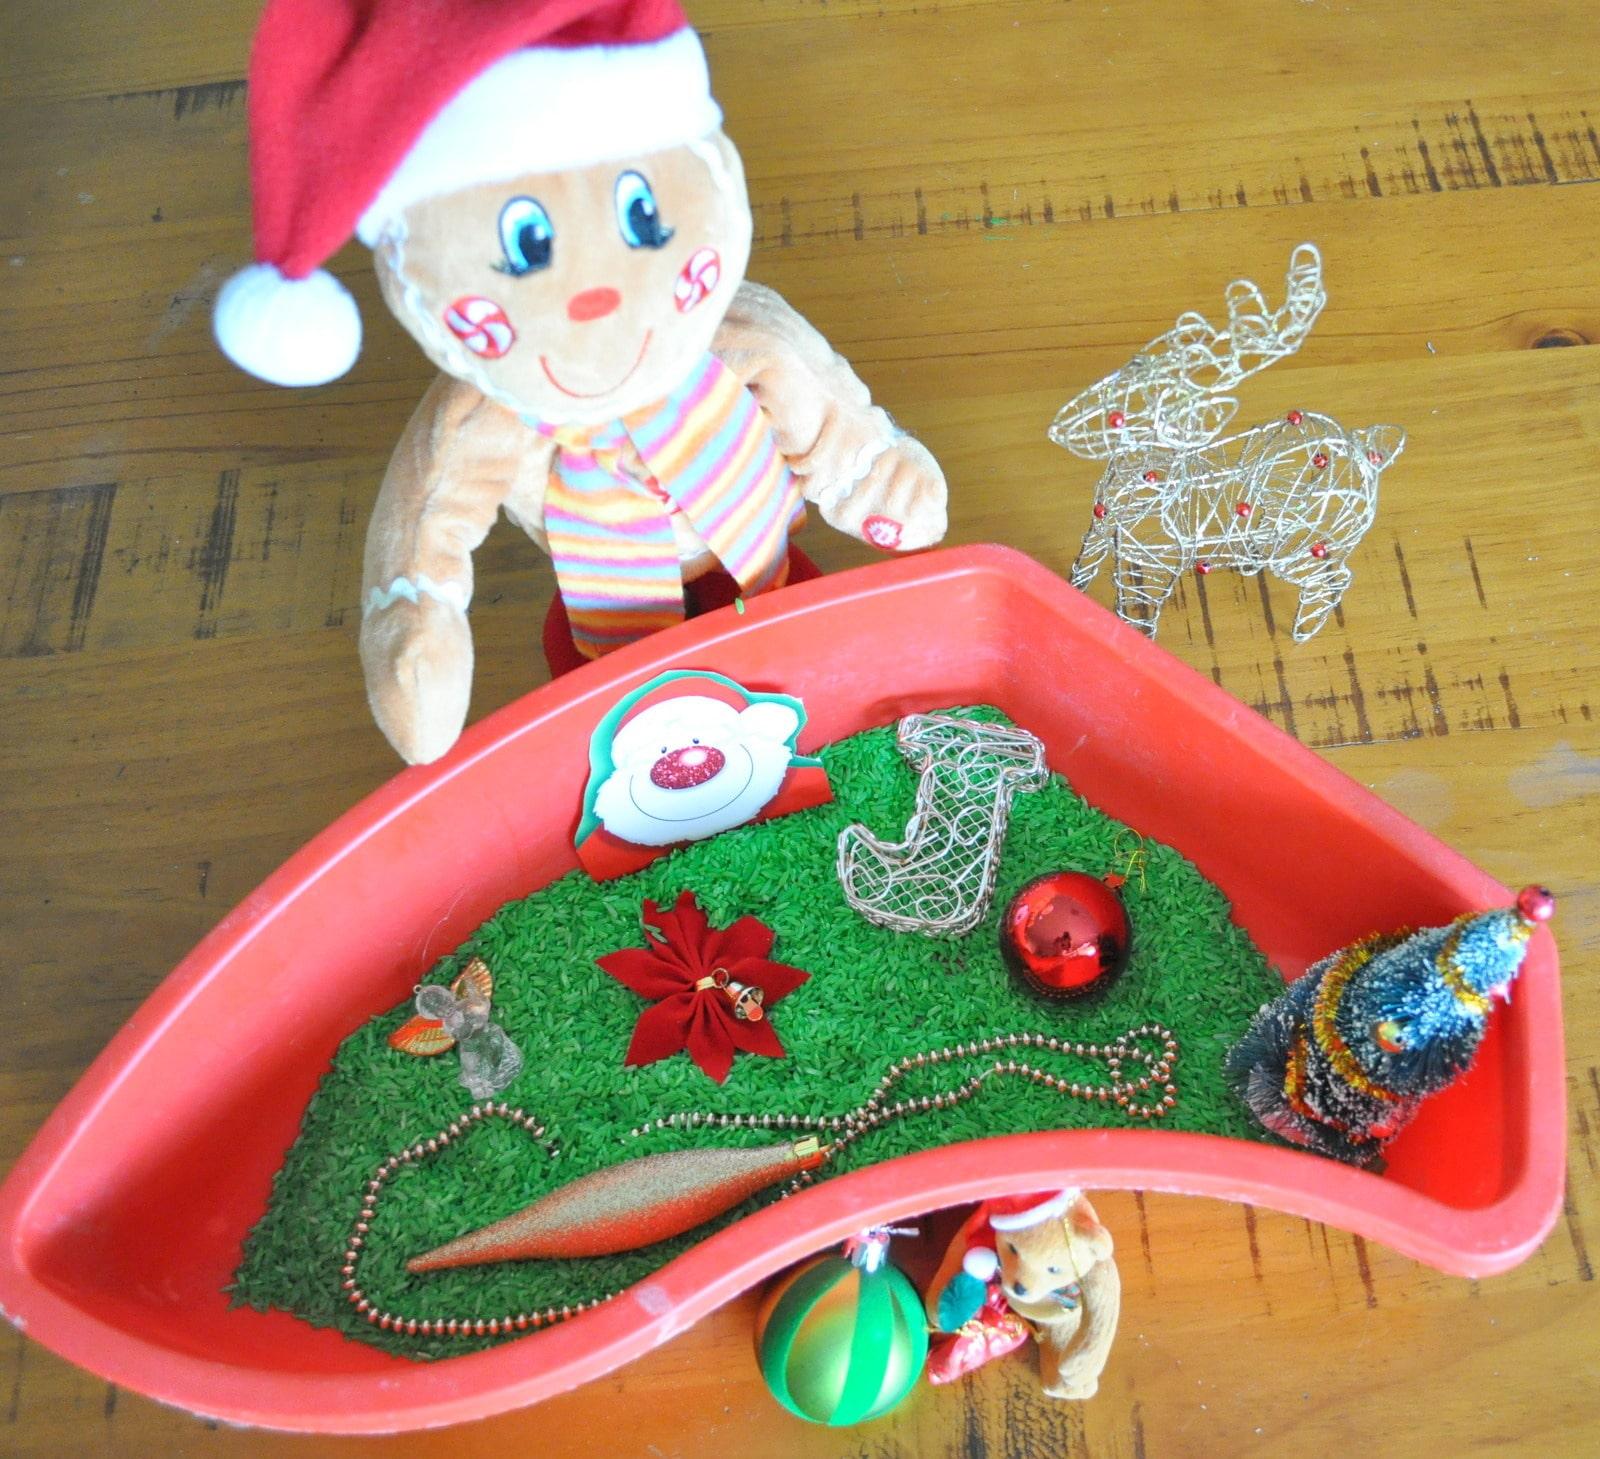 Sensory Christmas Activity For Kids